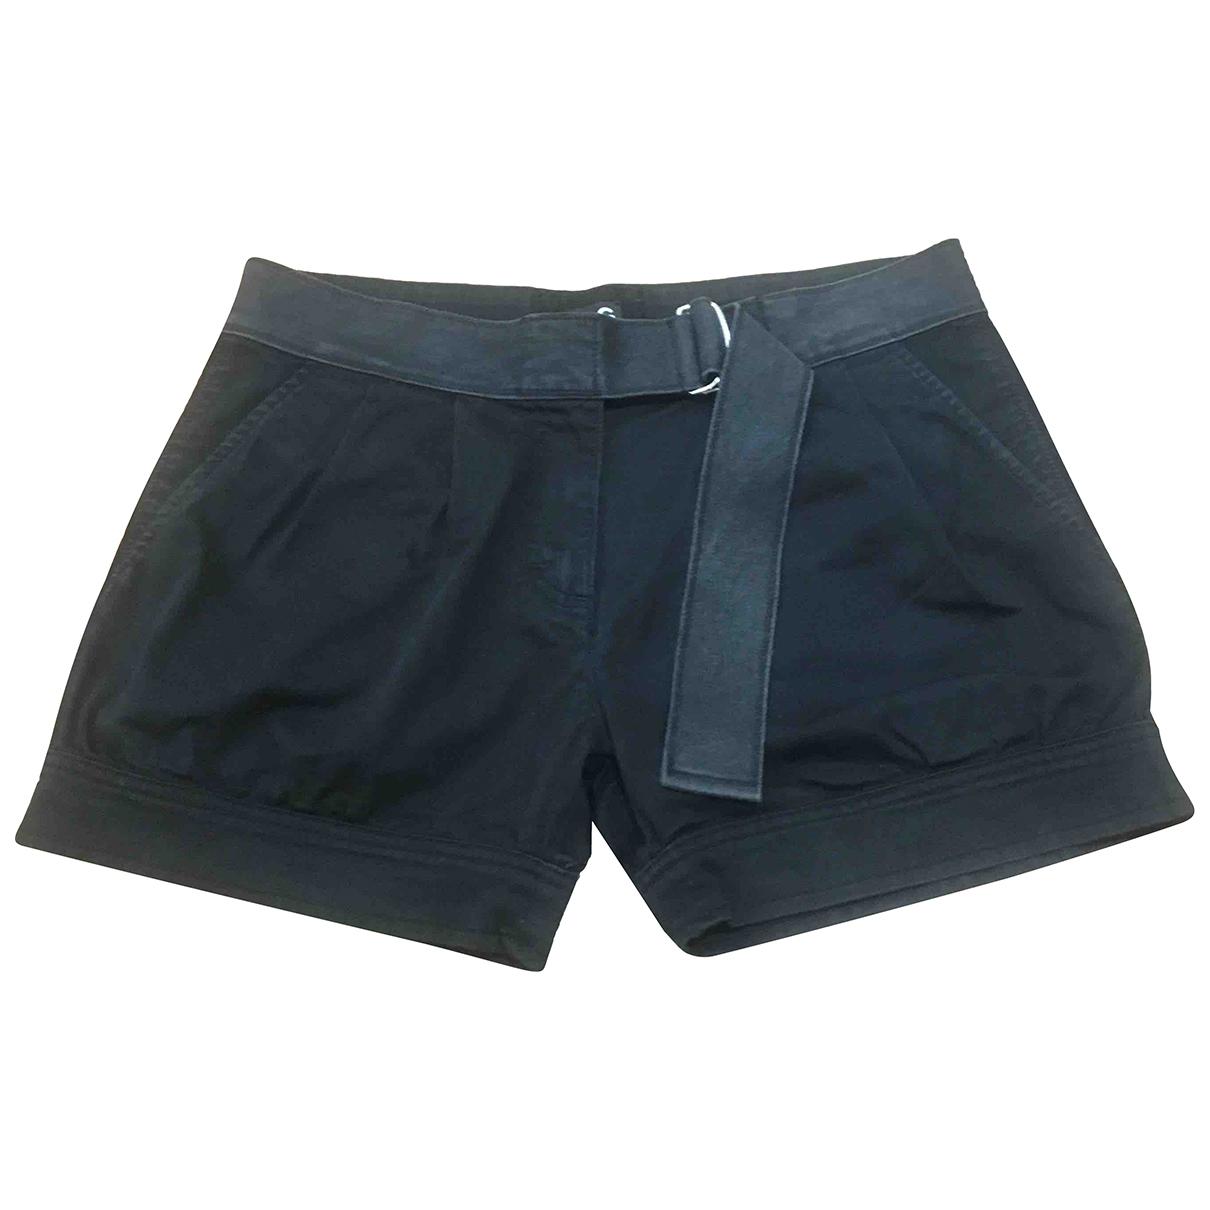 D&g \N Shorts in  Schwarz Baumwolle